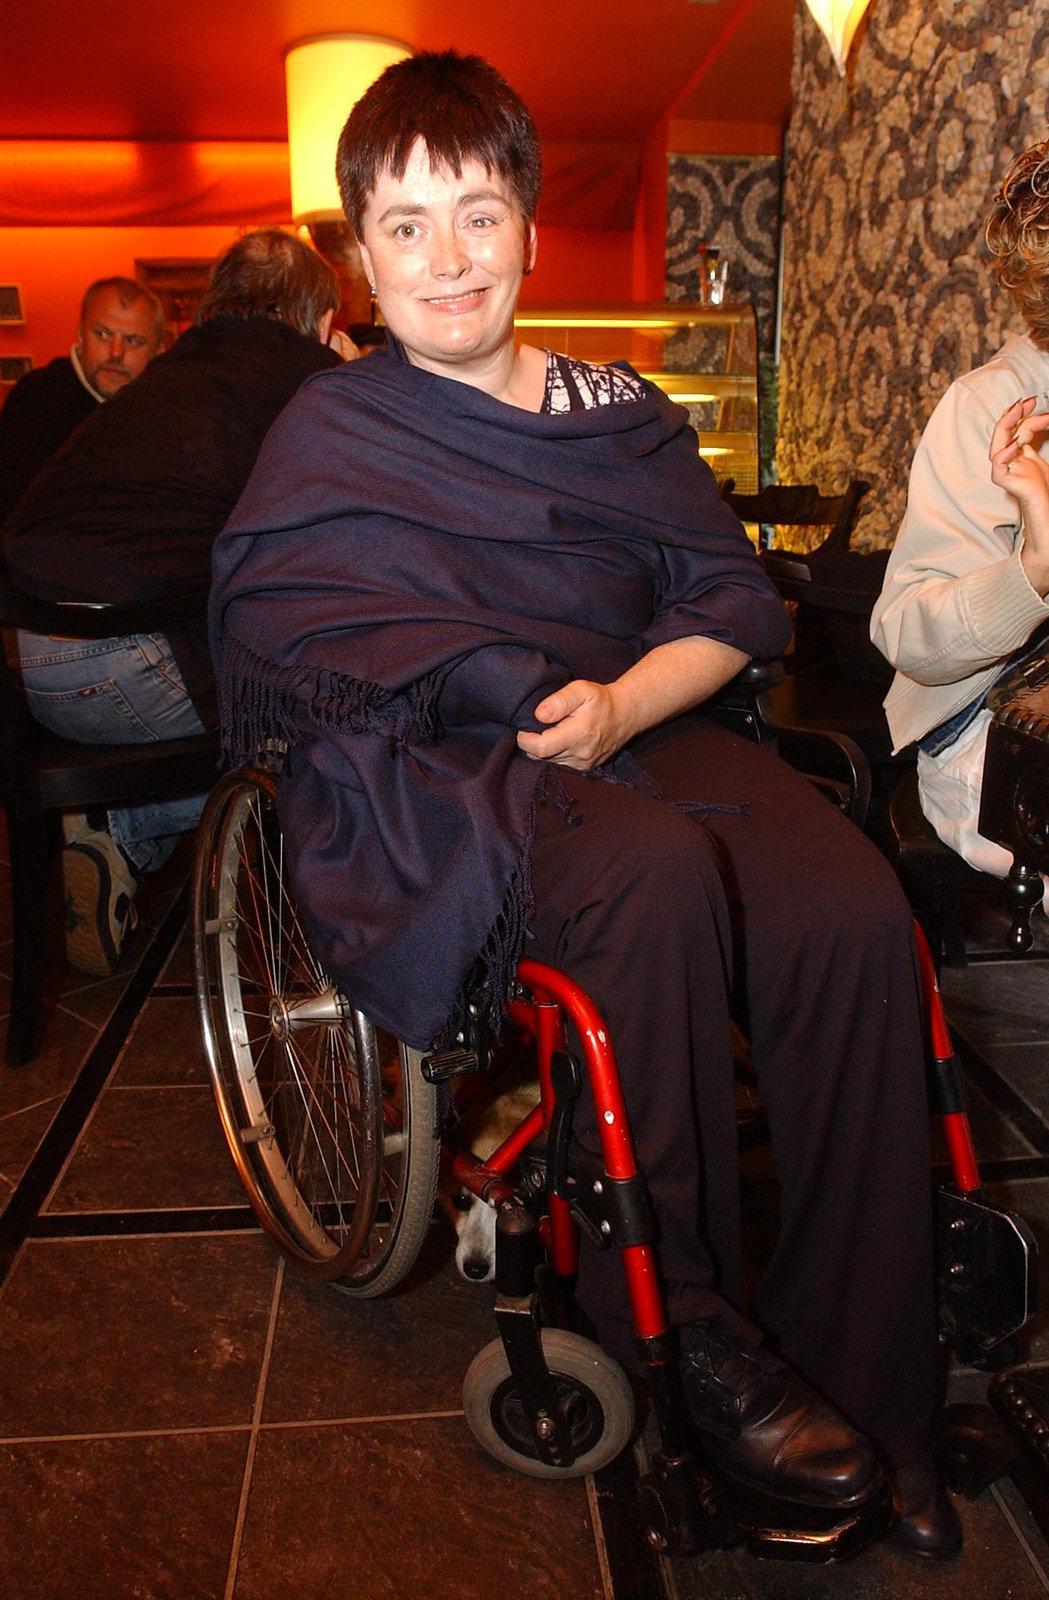 Markéta skončila v roce 1986 na vozíku